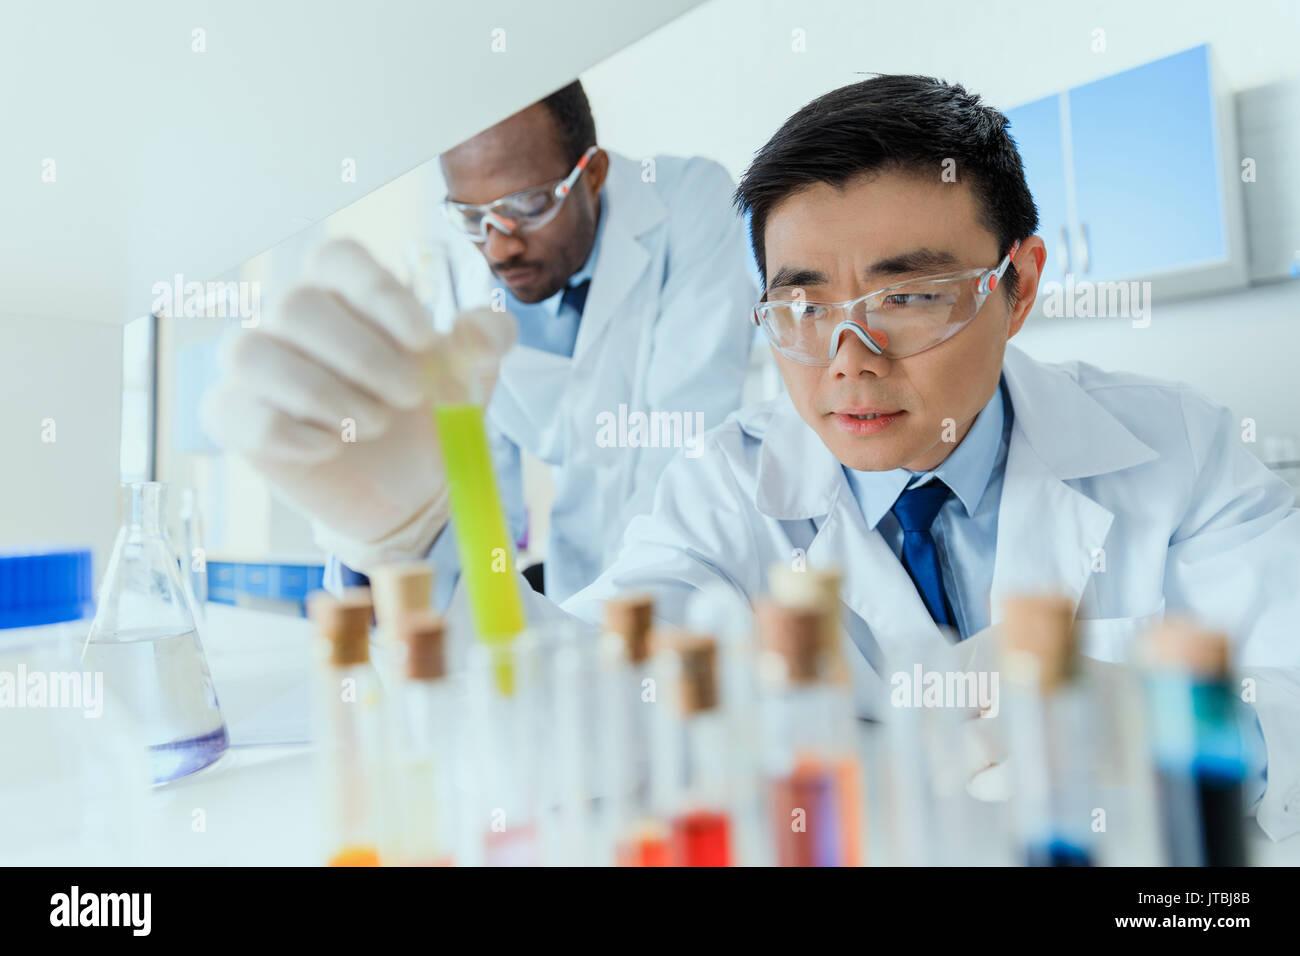 Les scientifiques en blouse blanche qui travaillent ensemble dans le laboratoire chimique Banque D'Images